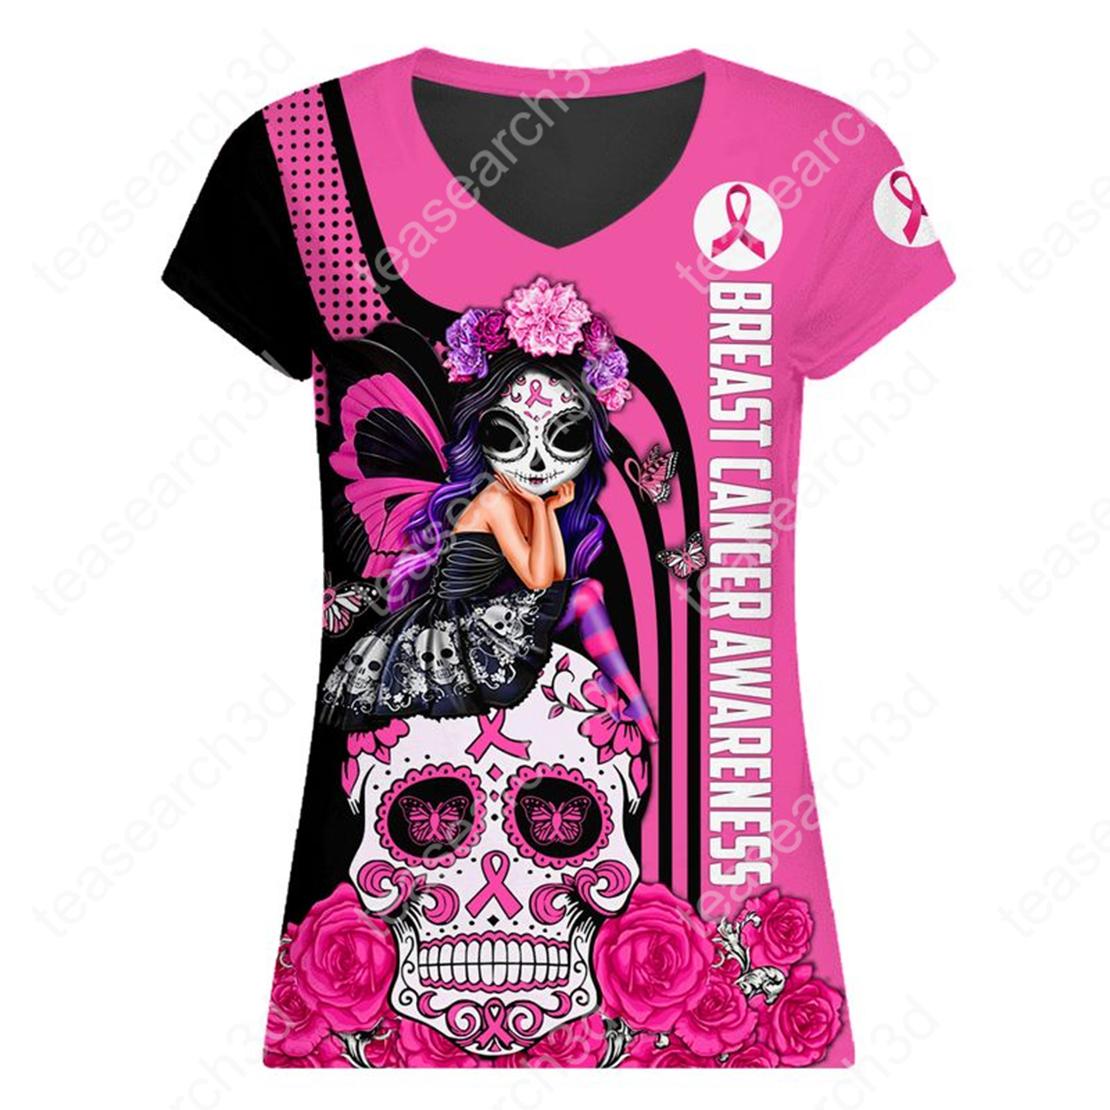 Breast cancer awareness Fight like a girl sugar skull fairy legging 3d v-neck